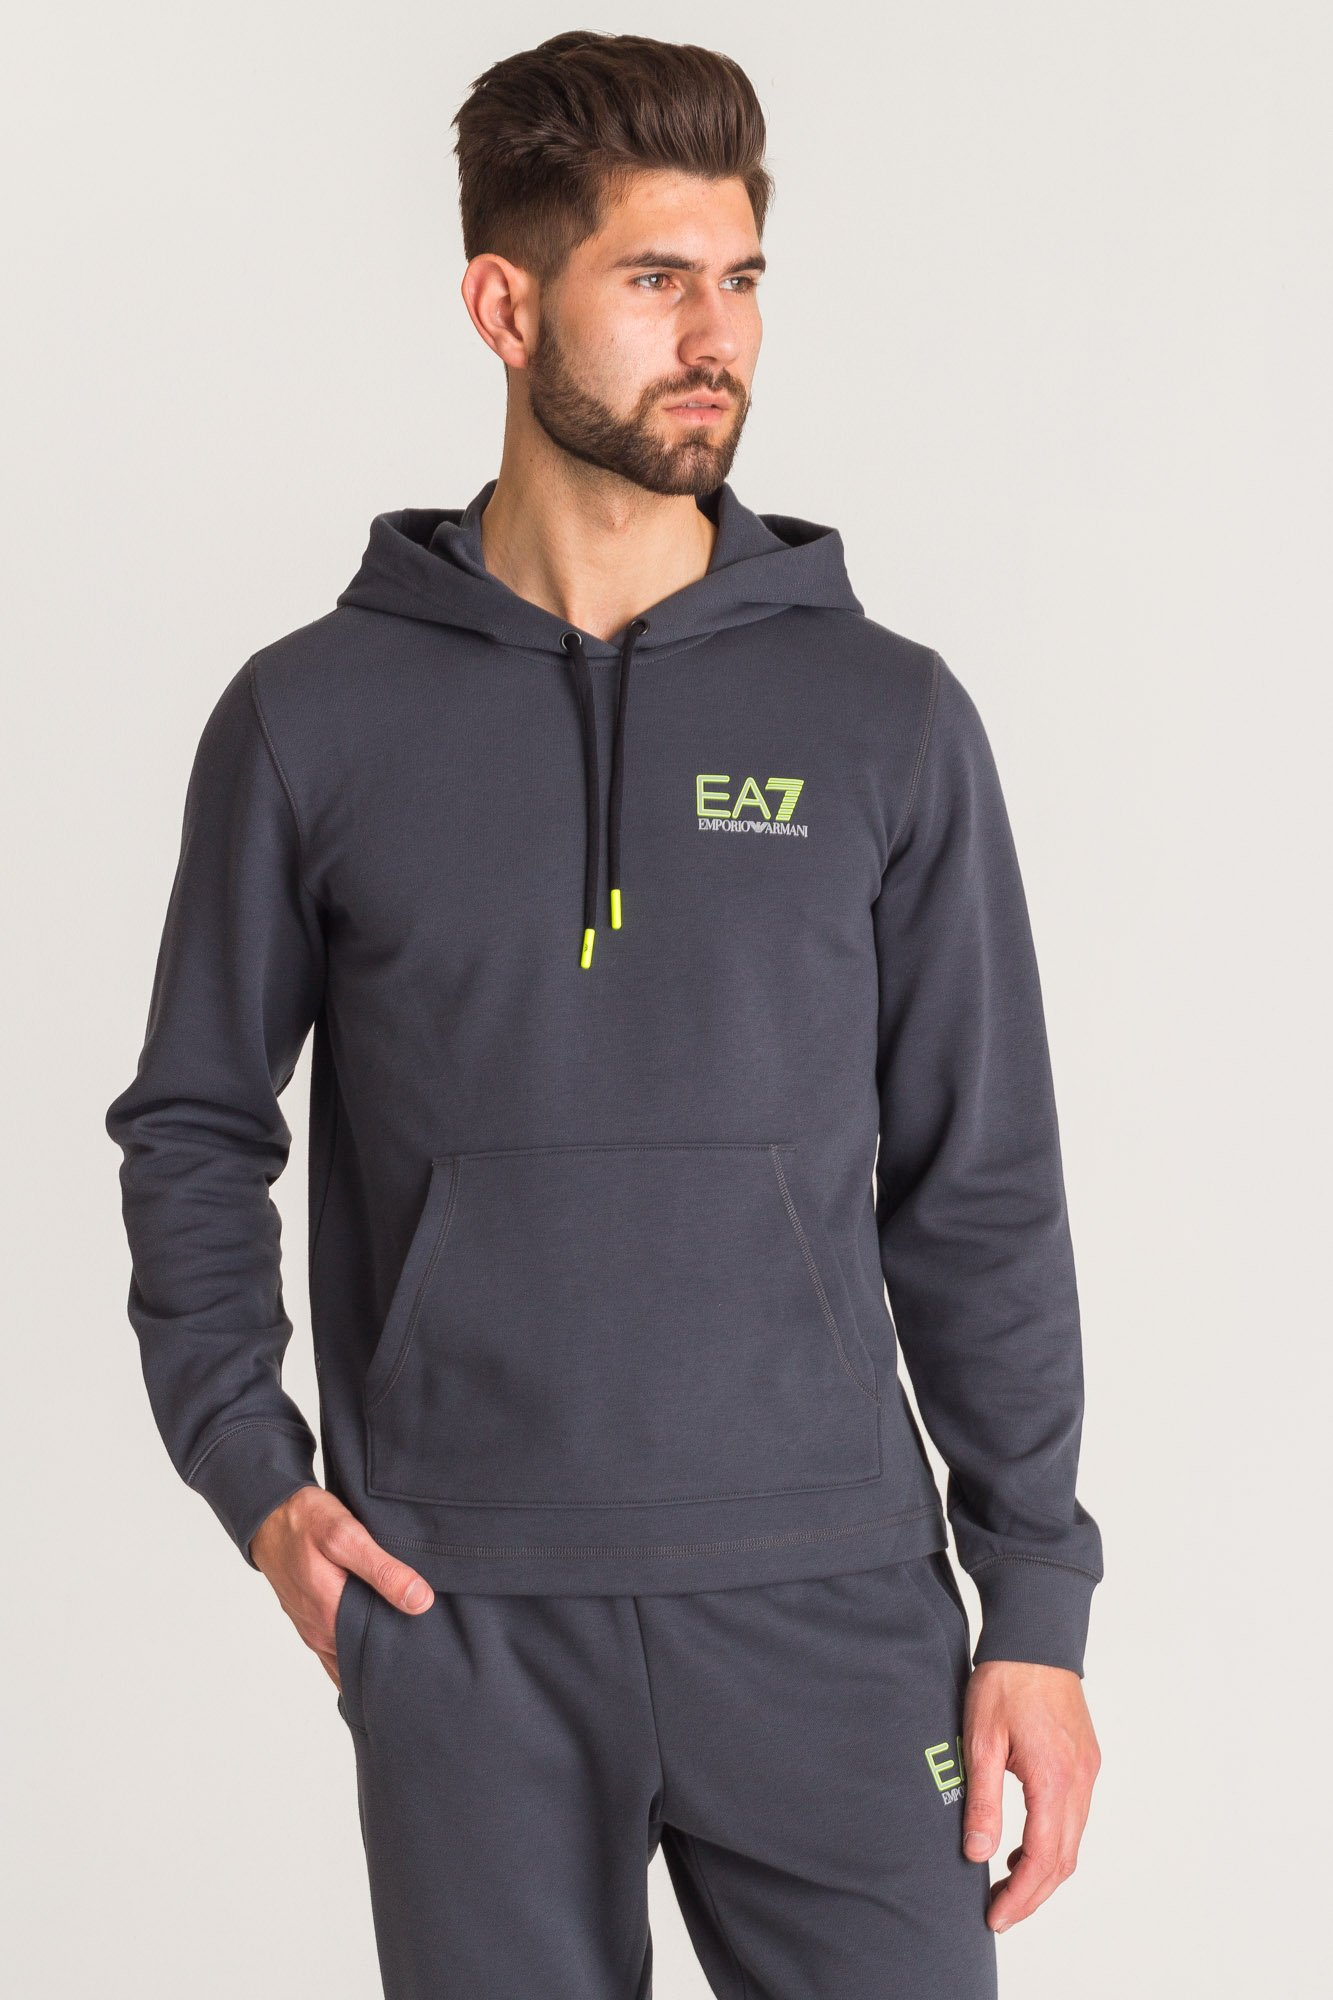 38850f07509b ... Antracytowa bluza EA7 z odblasokowo-jaskrawym nadrukiem ...